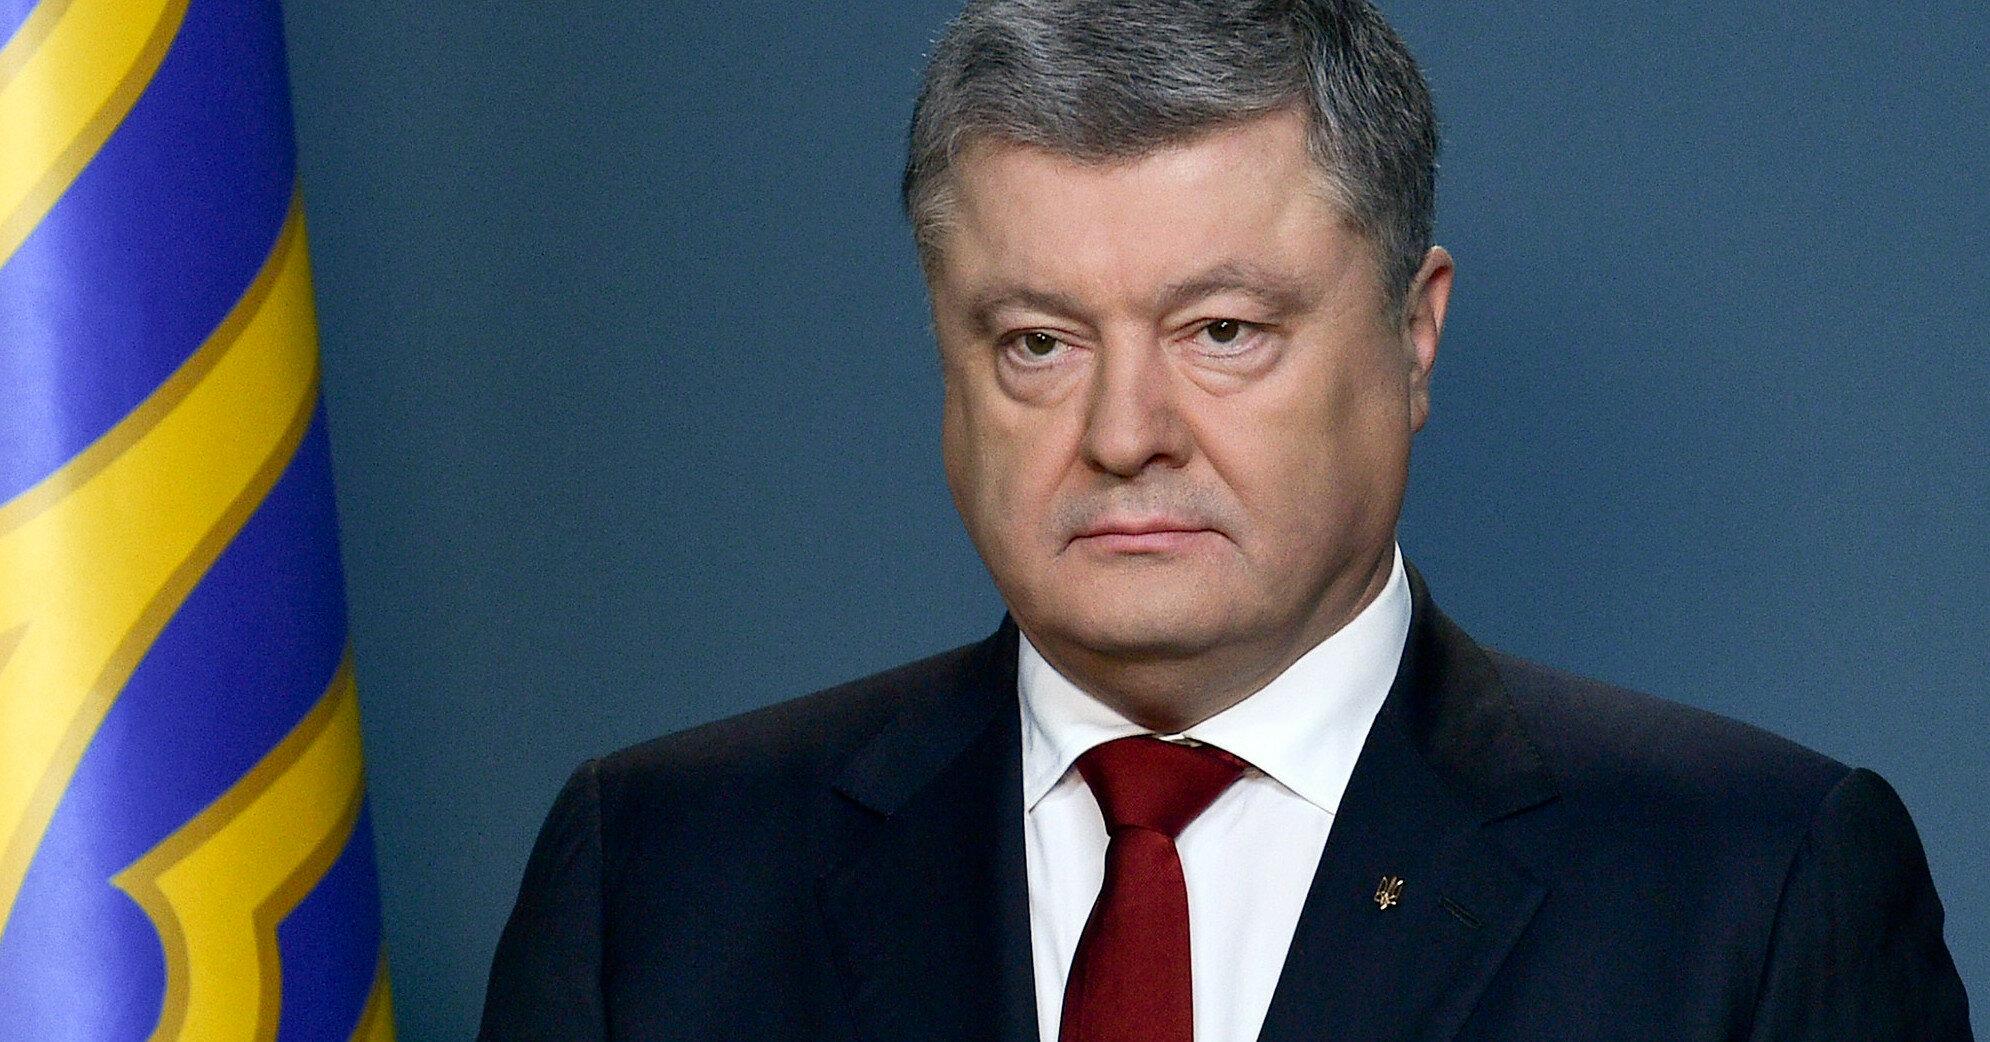 Порошенко прокомментировал дипломатические поражения Зеленского